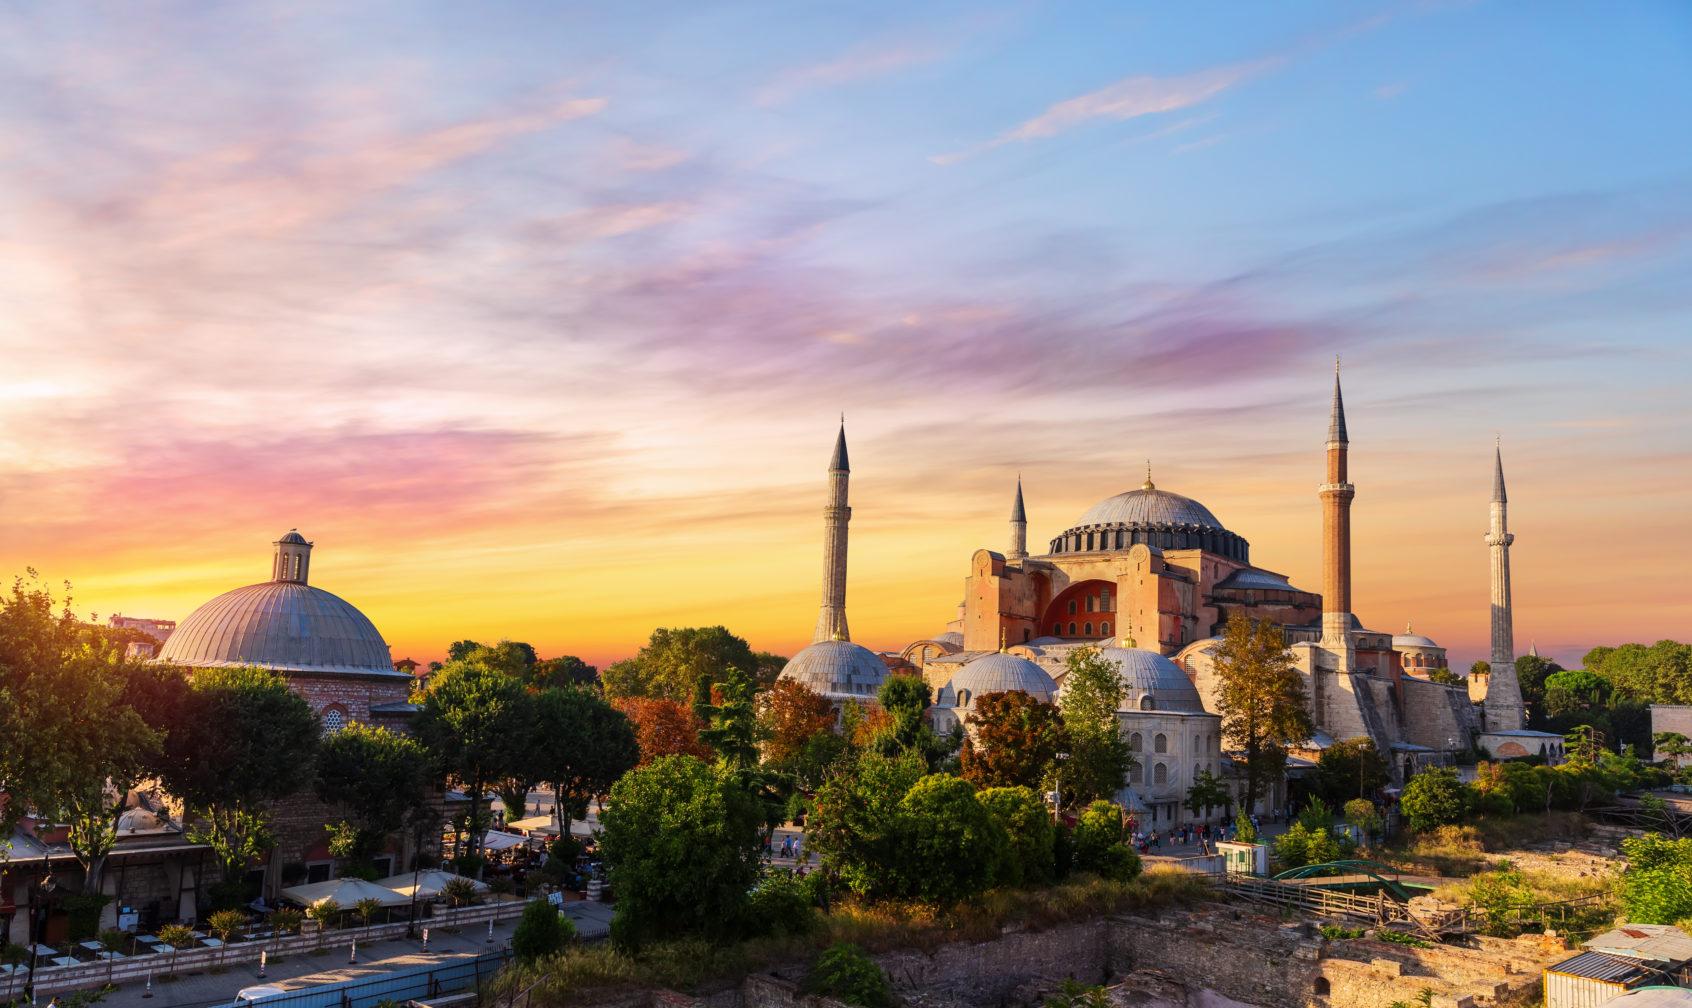 Hagia Sophia Mosque in Istanbul at sunset.